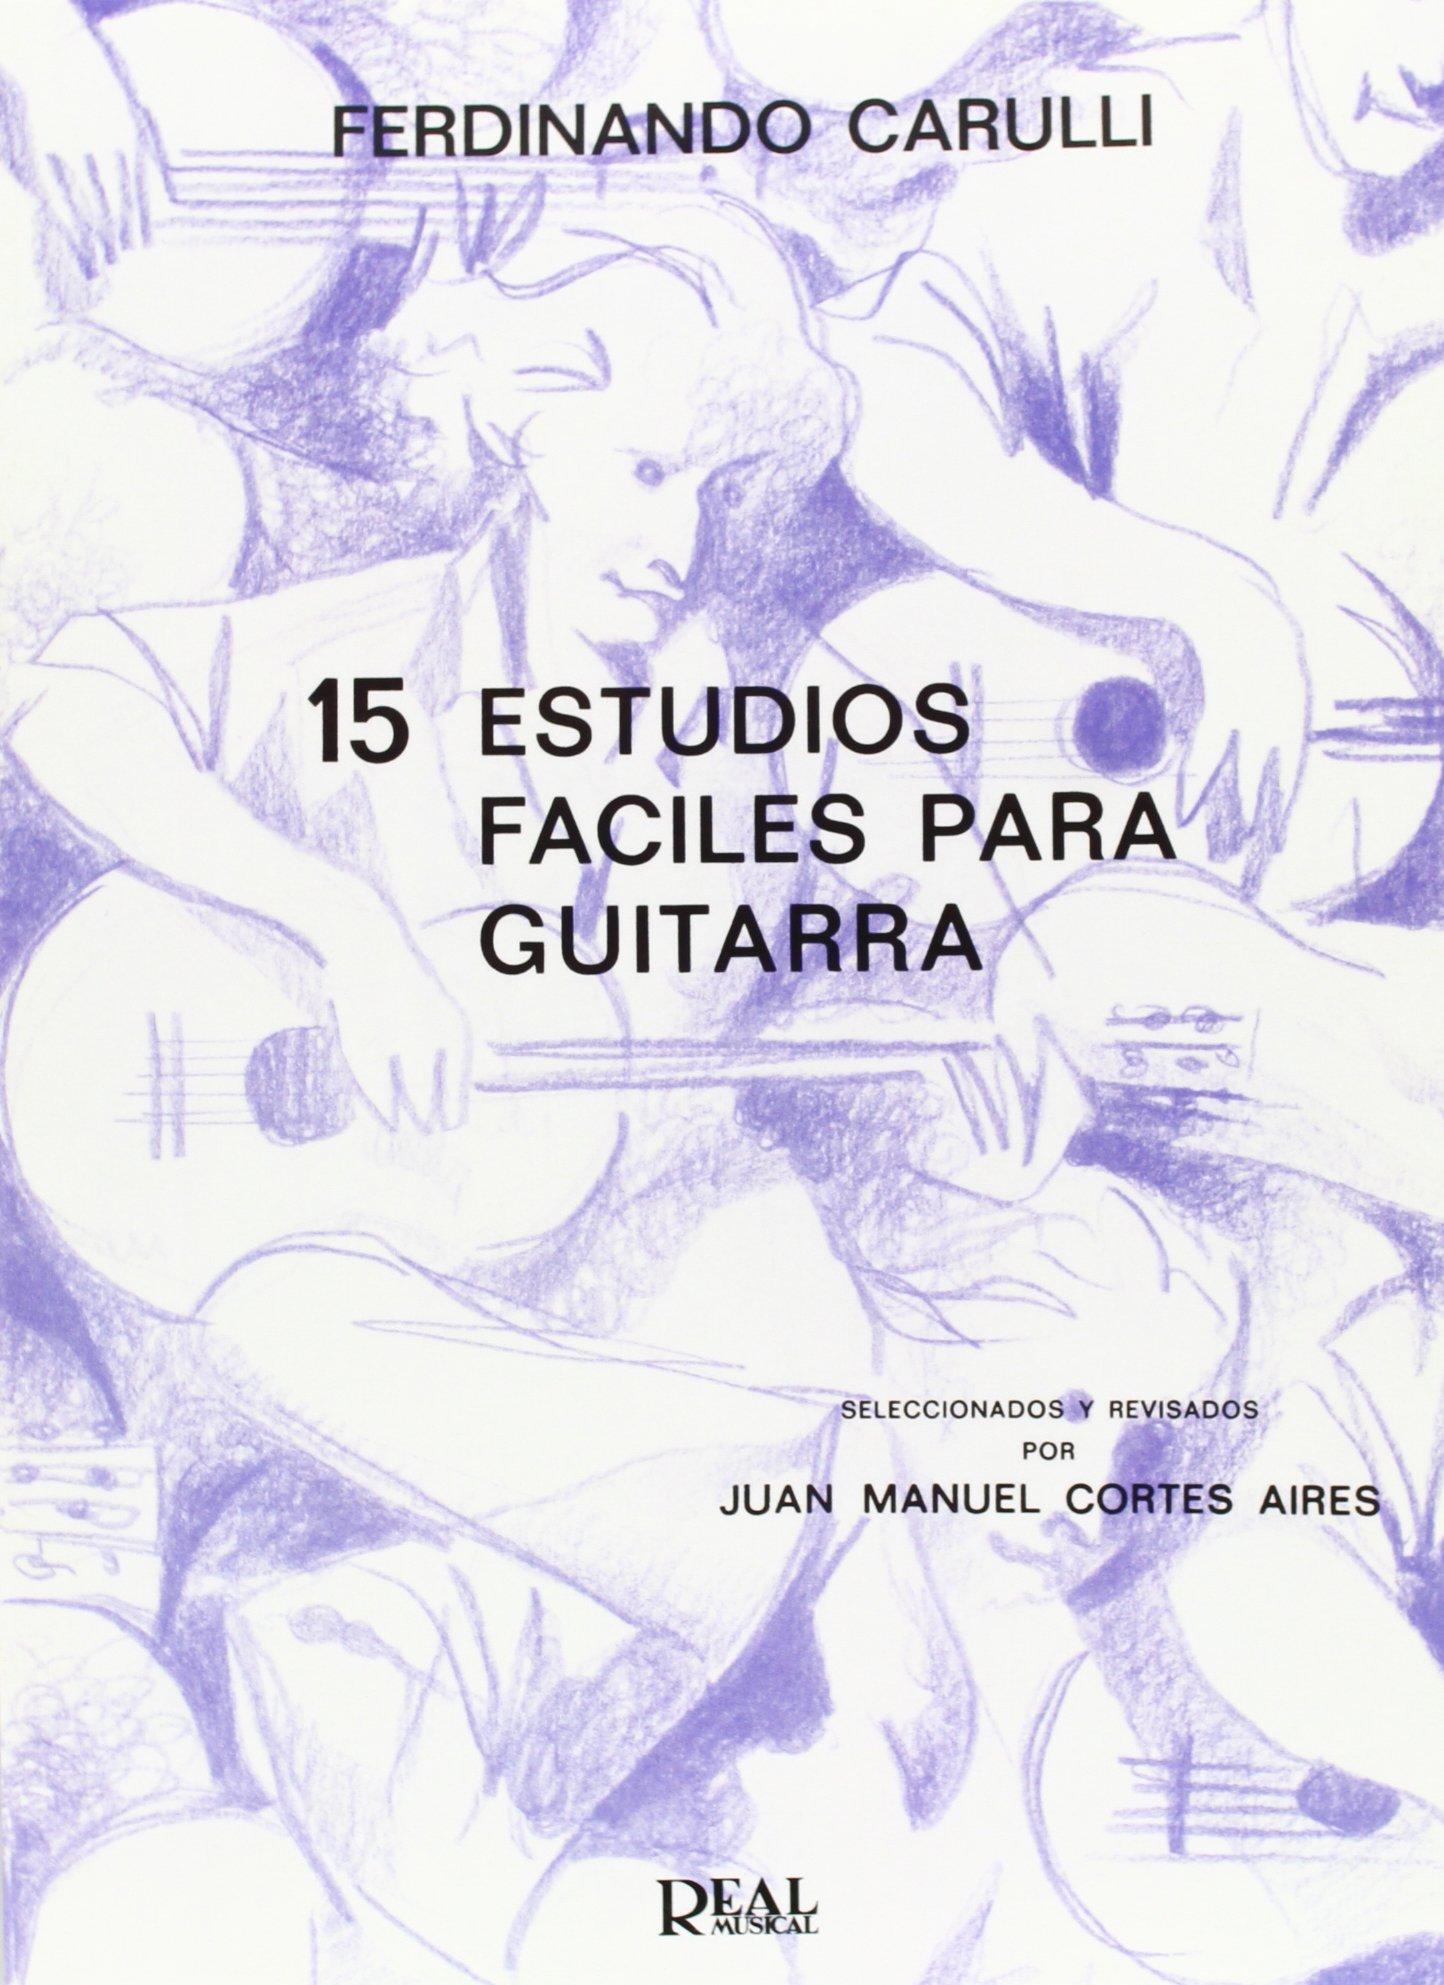 Ferdinando Carulli: 15 Estudios Fáciles para Guitarra: Amazon.es: Ferdinando Carulli, Guitar: Libros